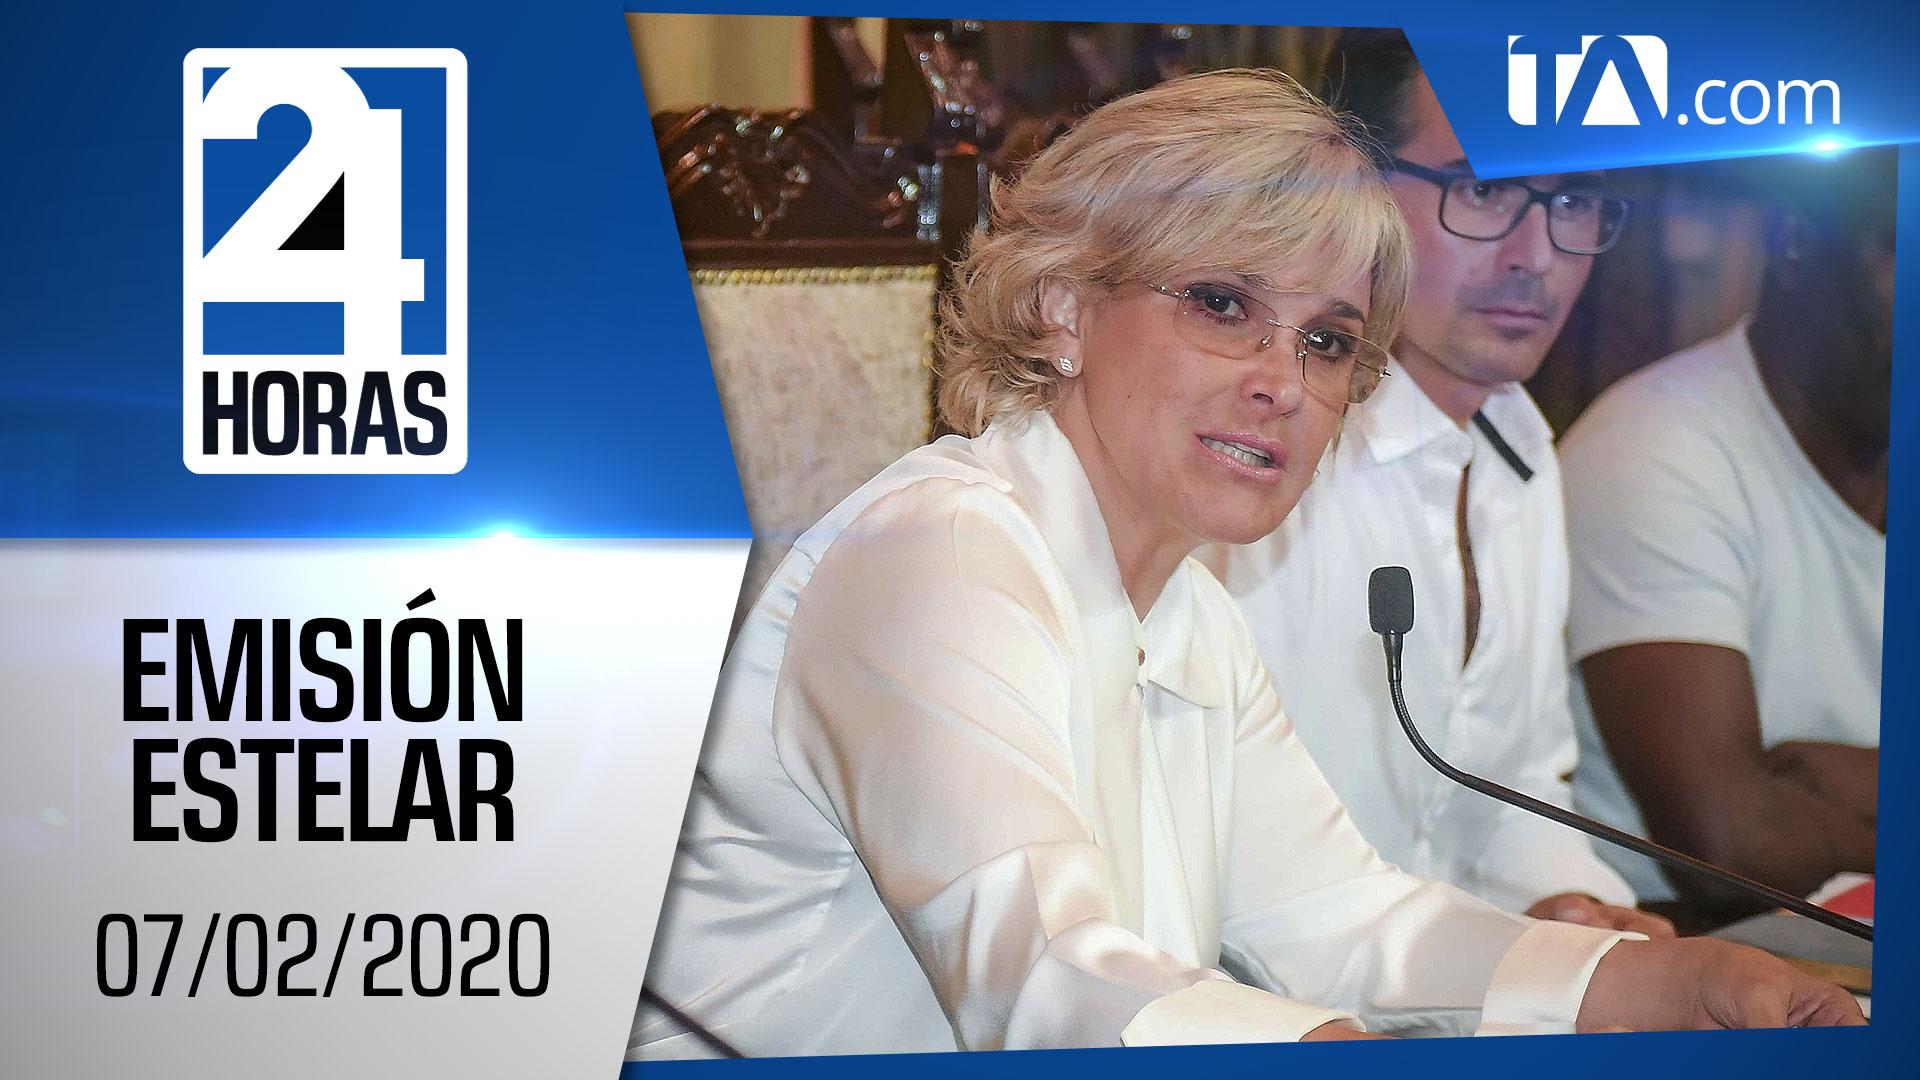 Noticiero 24 Horas, 07/02/2020 (Emisión Estelar)